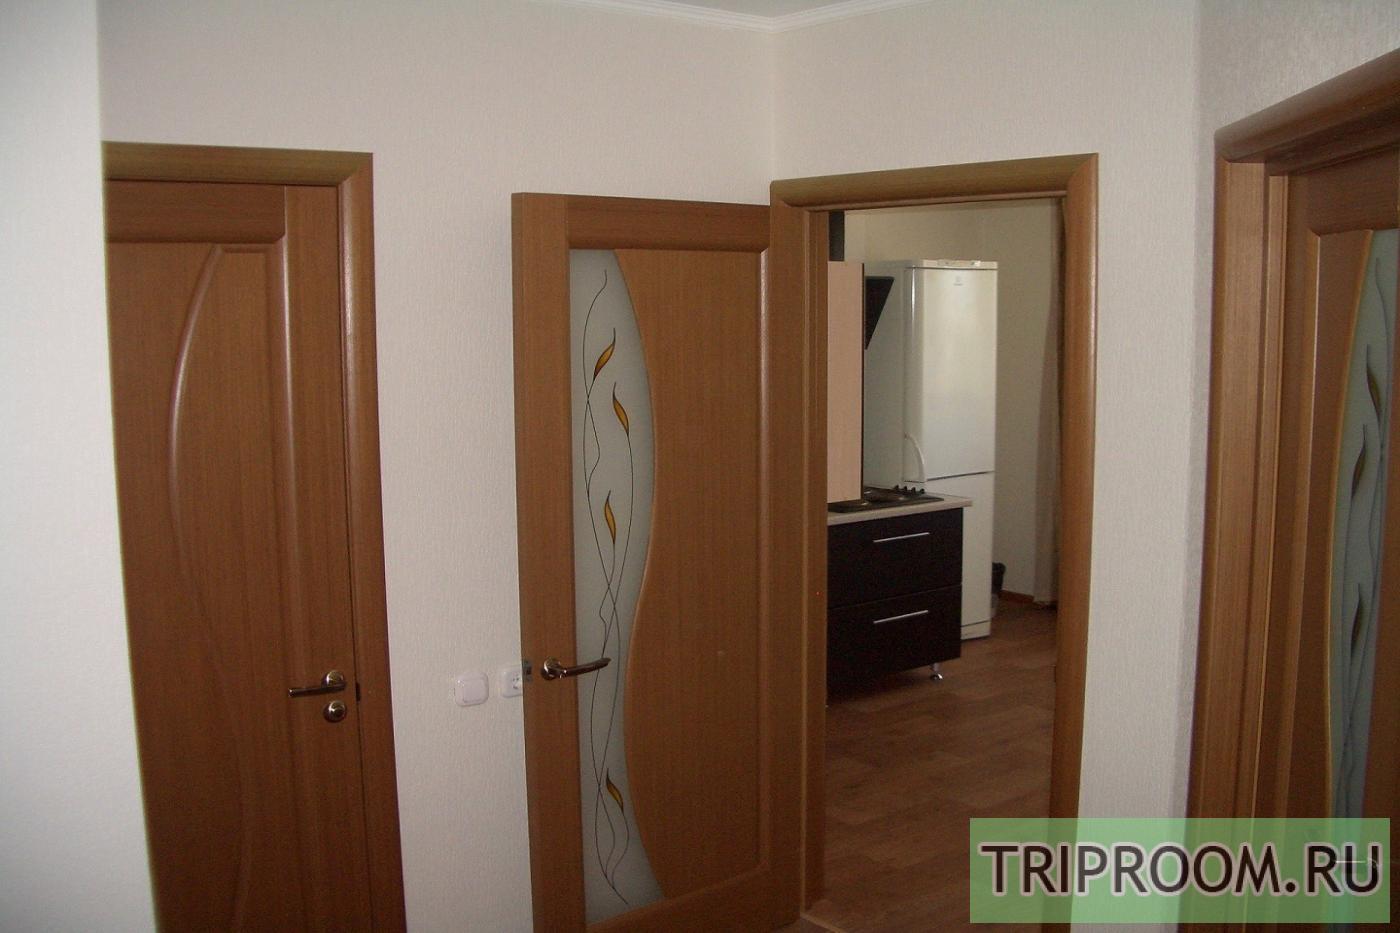 1-комнатная квартира посуточно (вариант № 32508), ул. Крахмалева улица, фото № 6